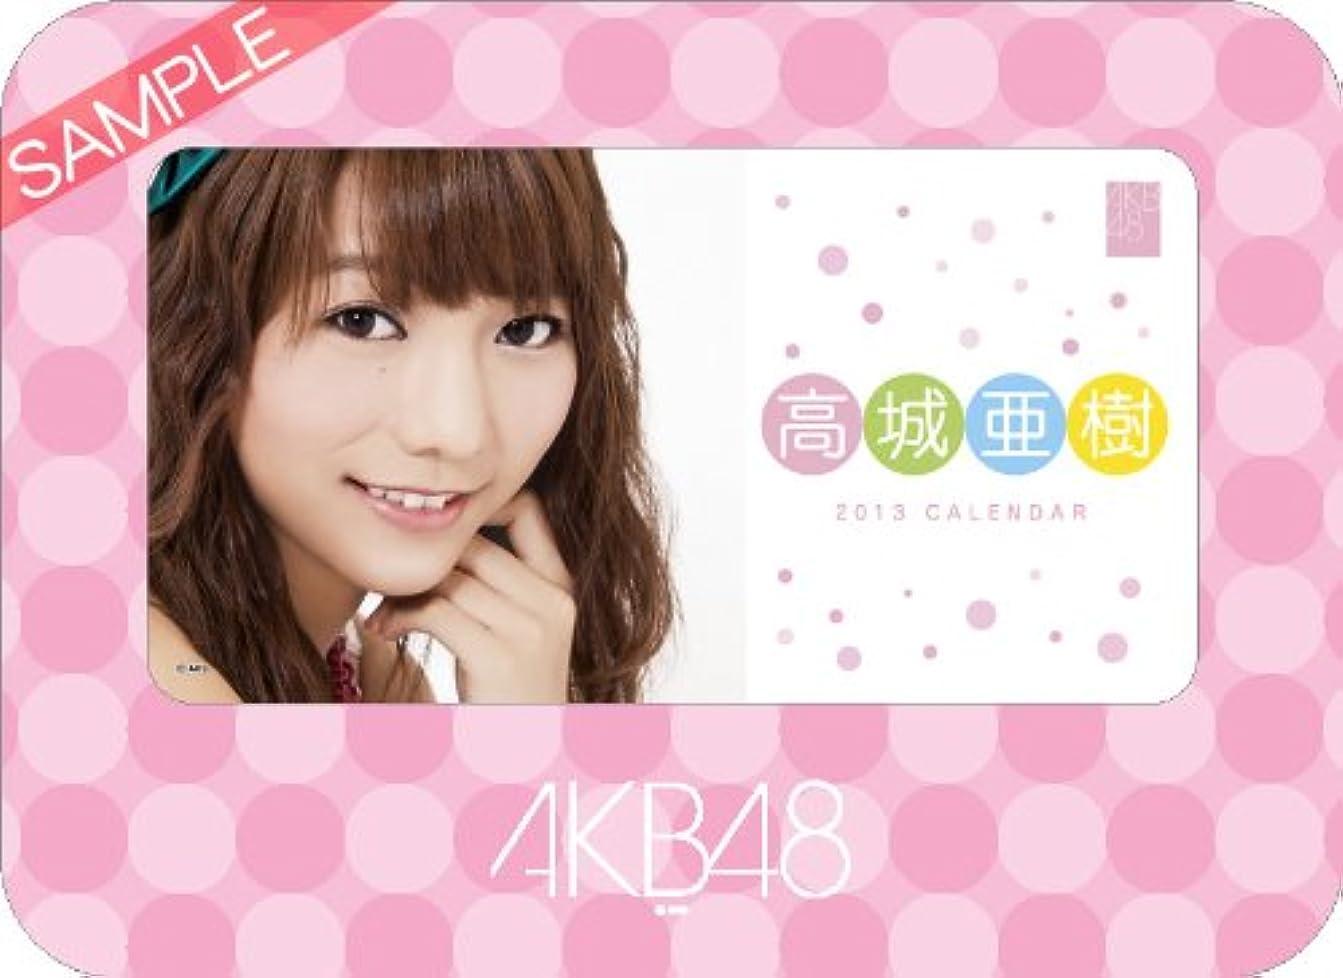 ほうき異なる真鍮卓上 AKB48-108高城 亜樹 カレンダー 2013年